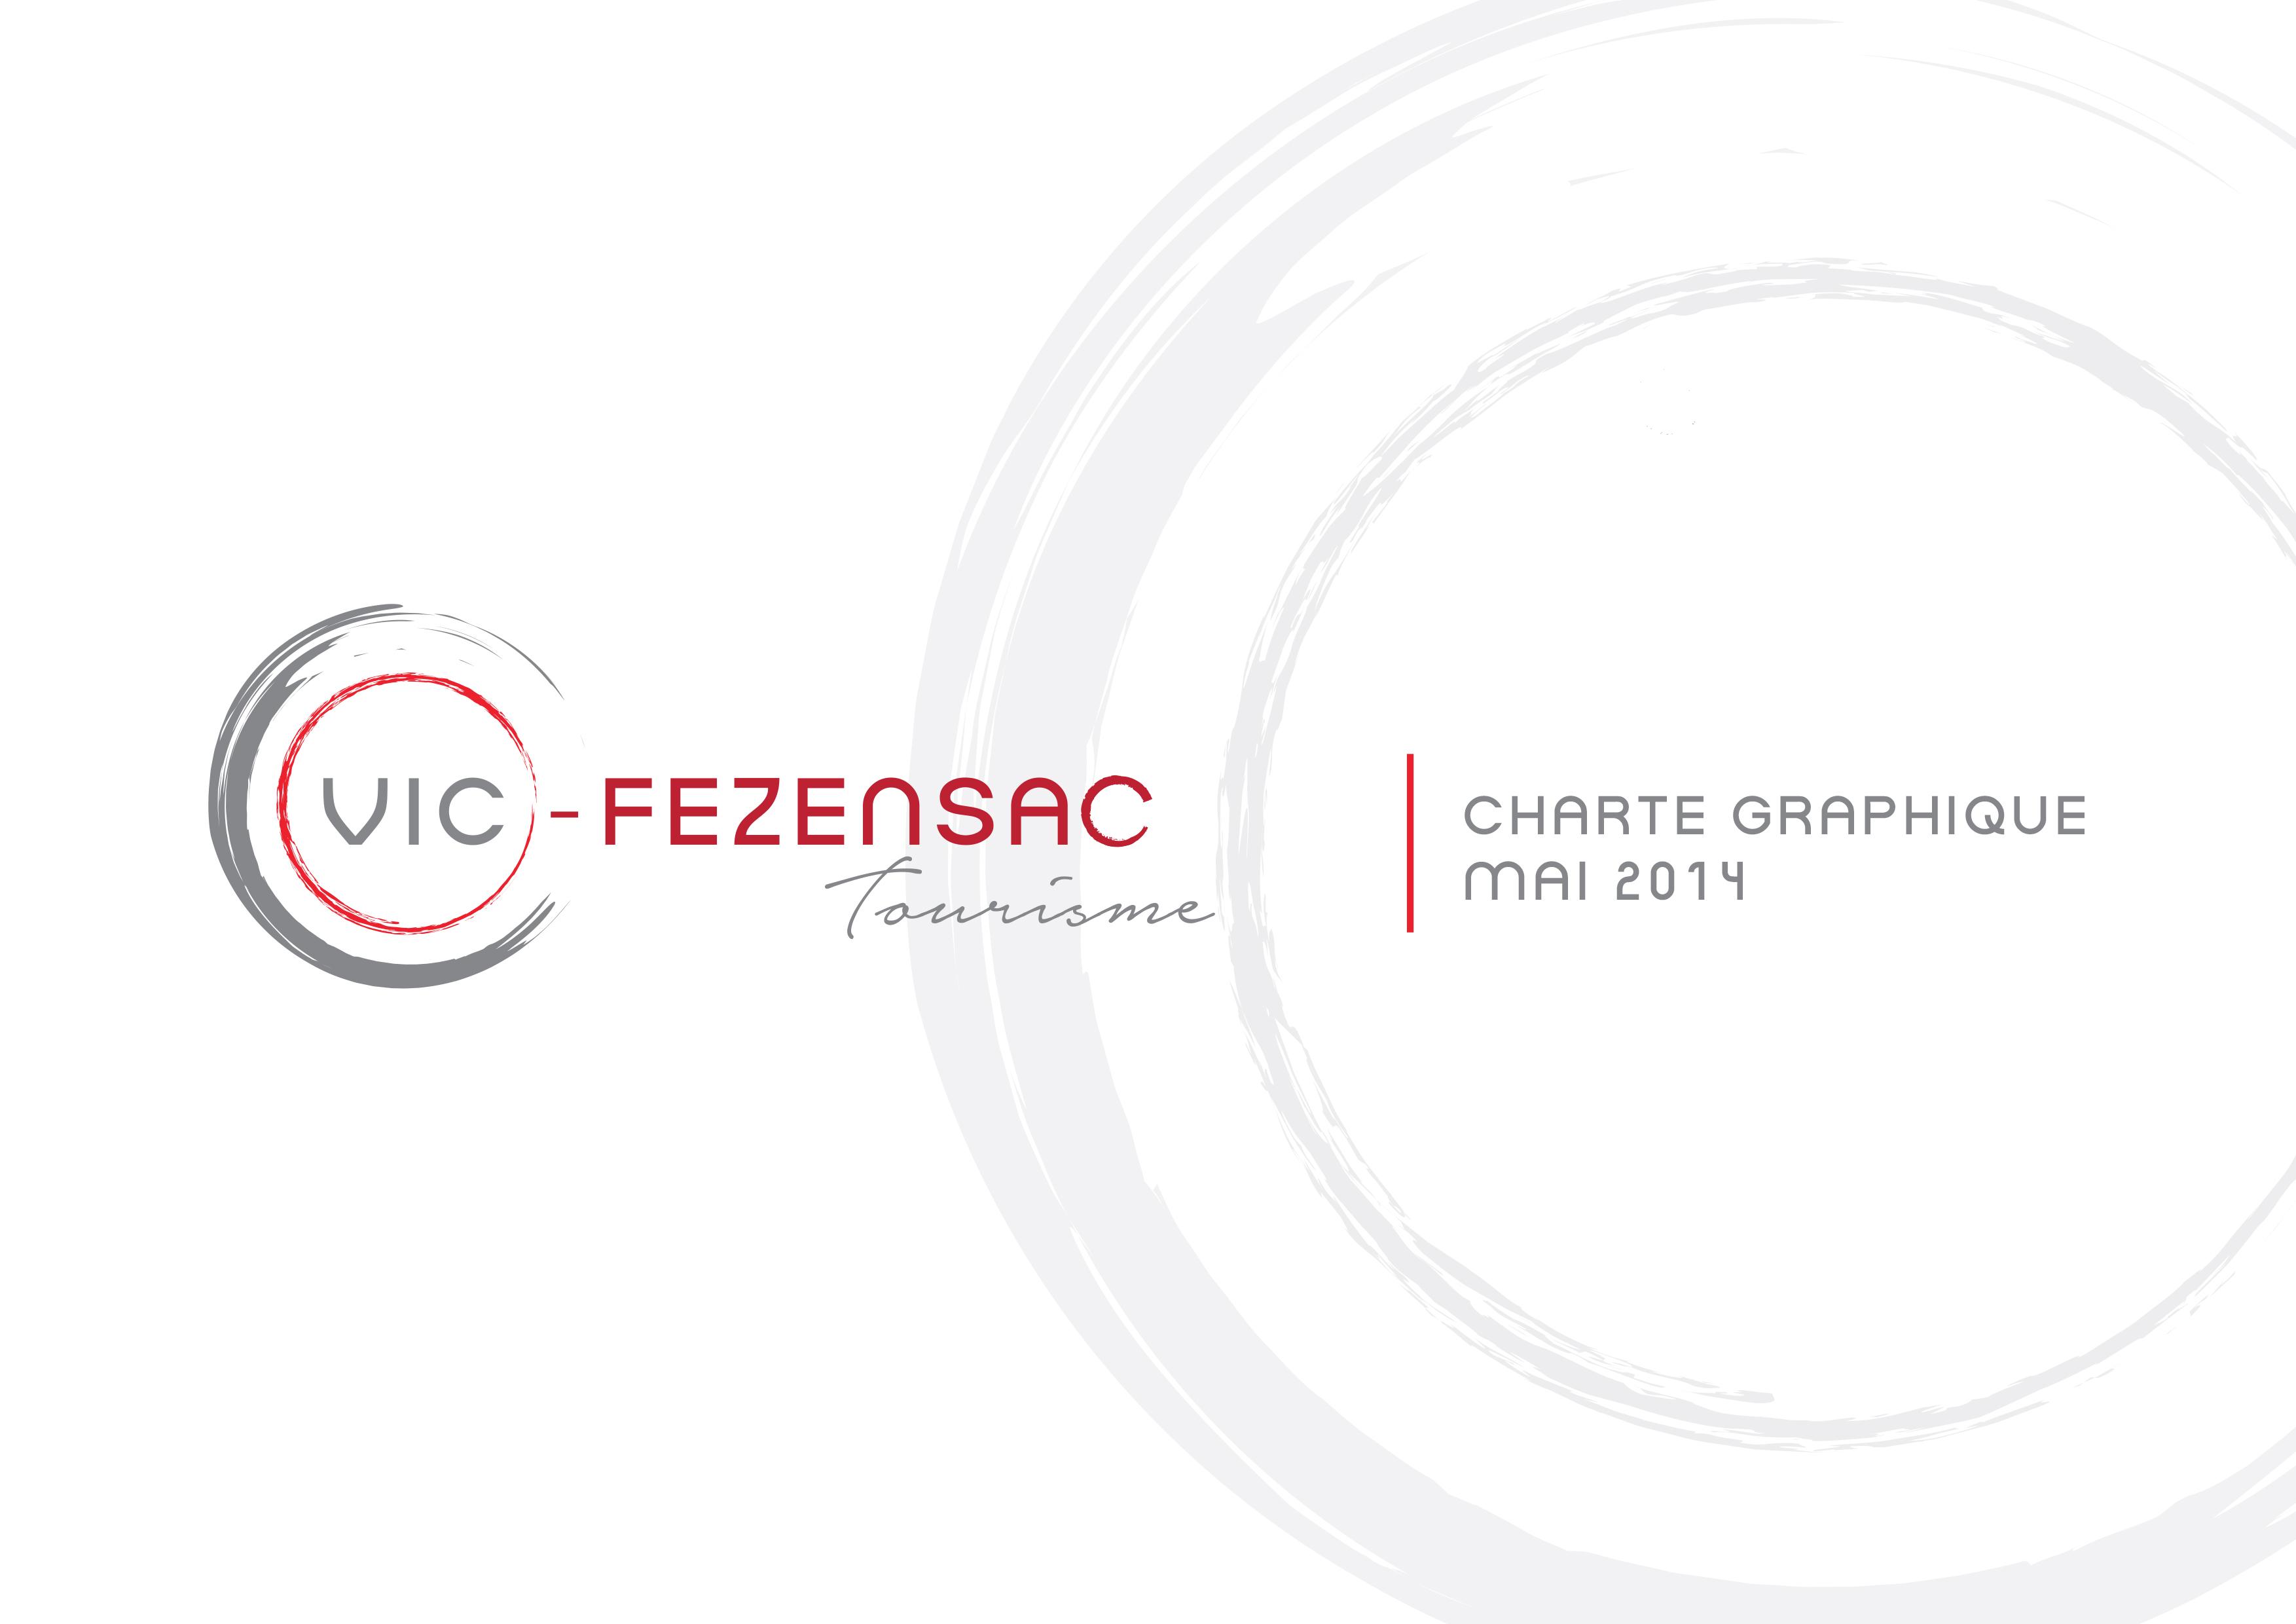 Charte_graphique_vic_fezensac-1